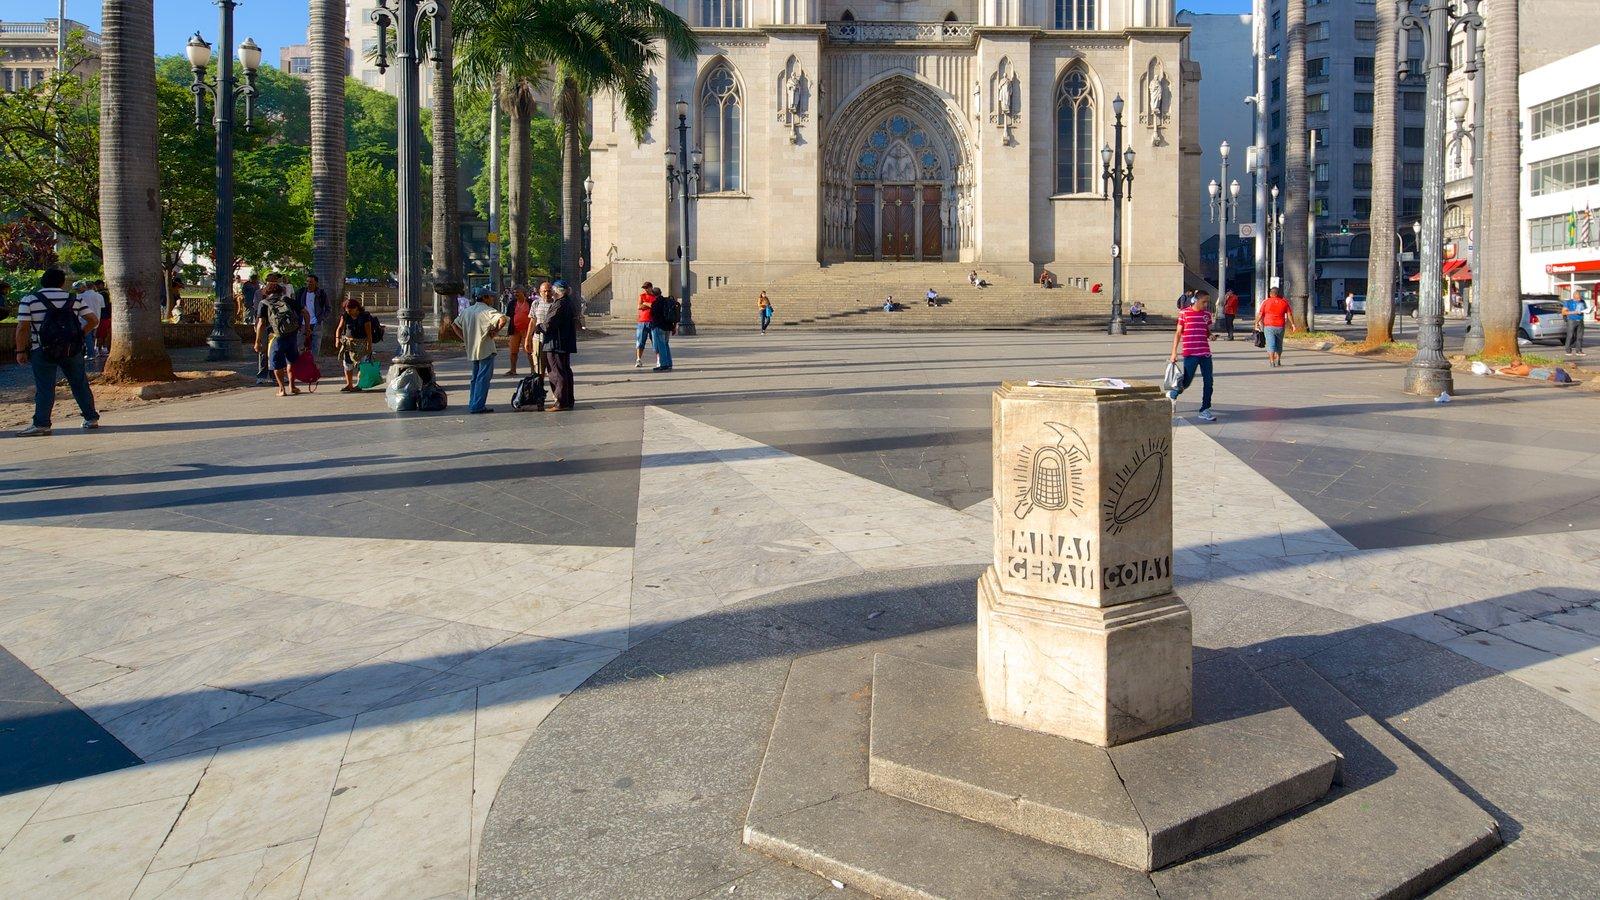 Catedral Metropolitana de São Paulo caracterizando uma praça ou plaza